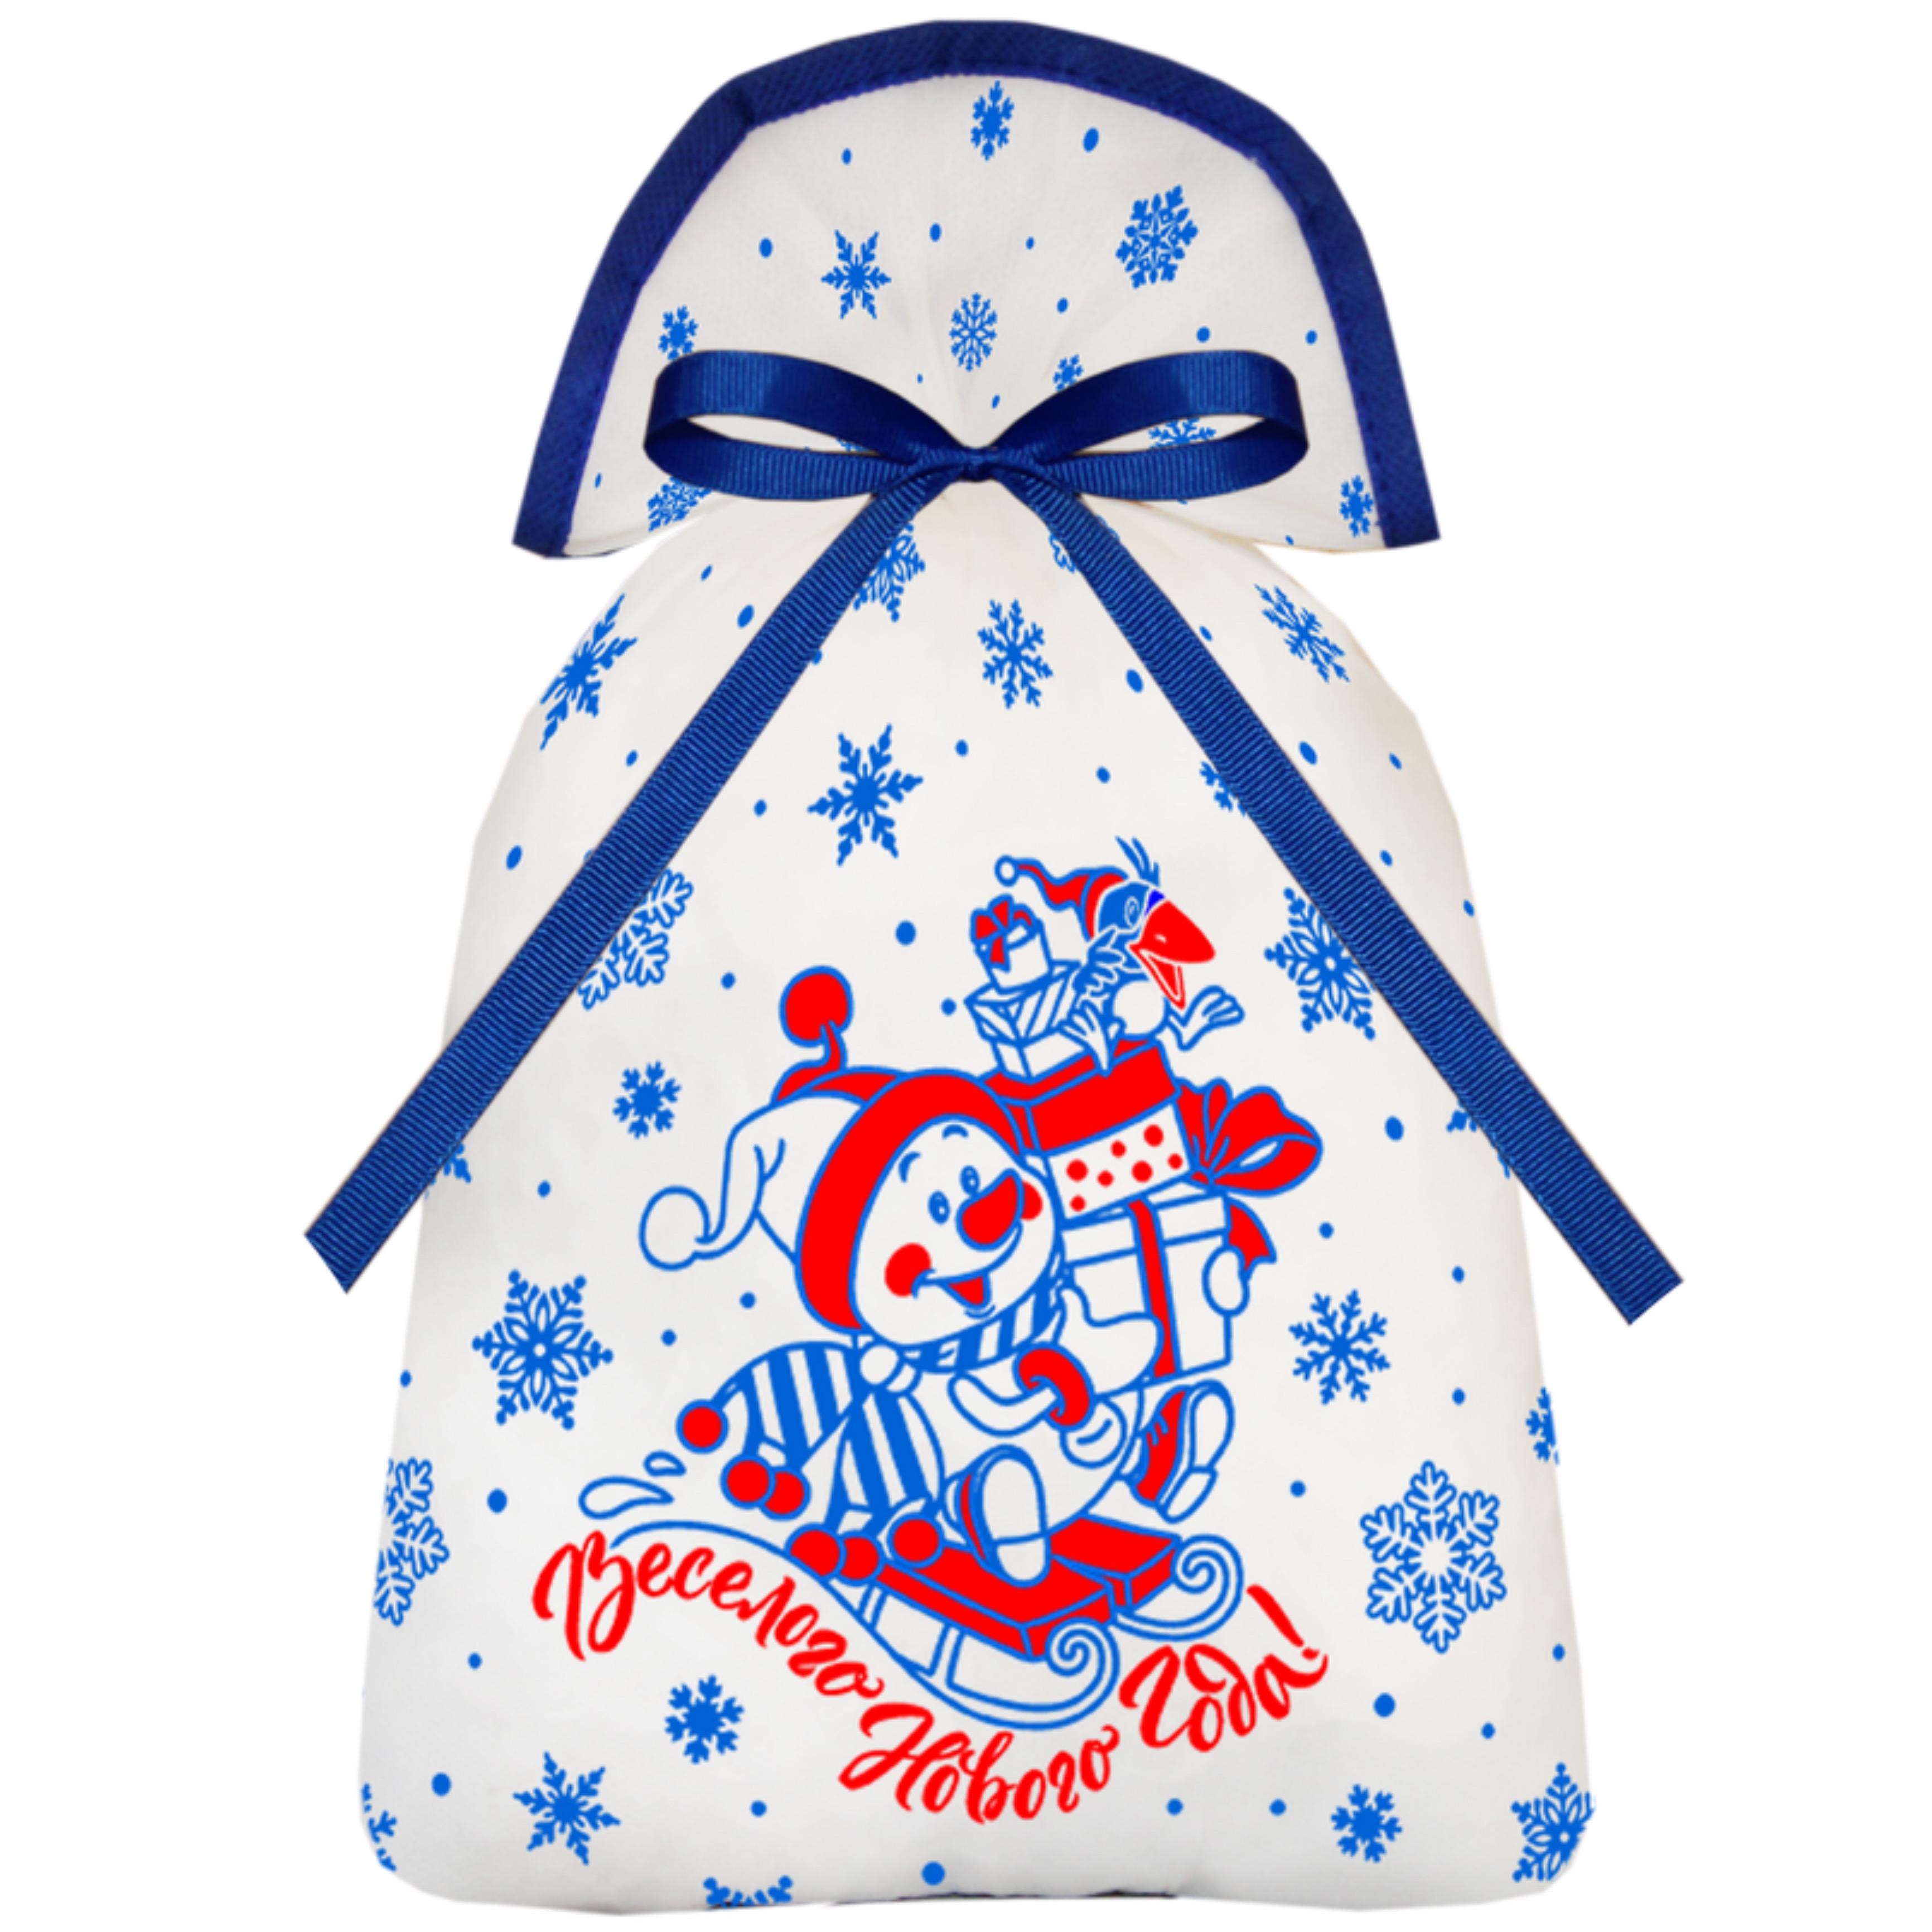 Мешочек Снеговик (текстиль)